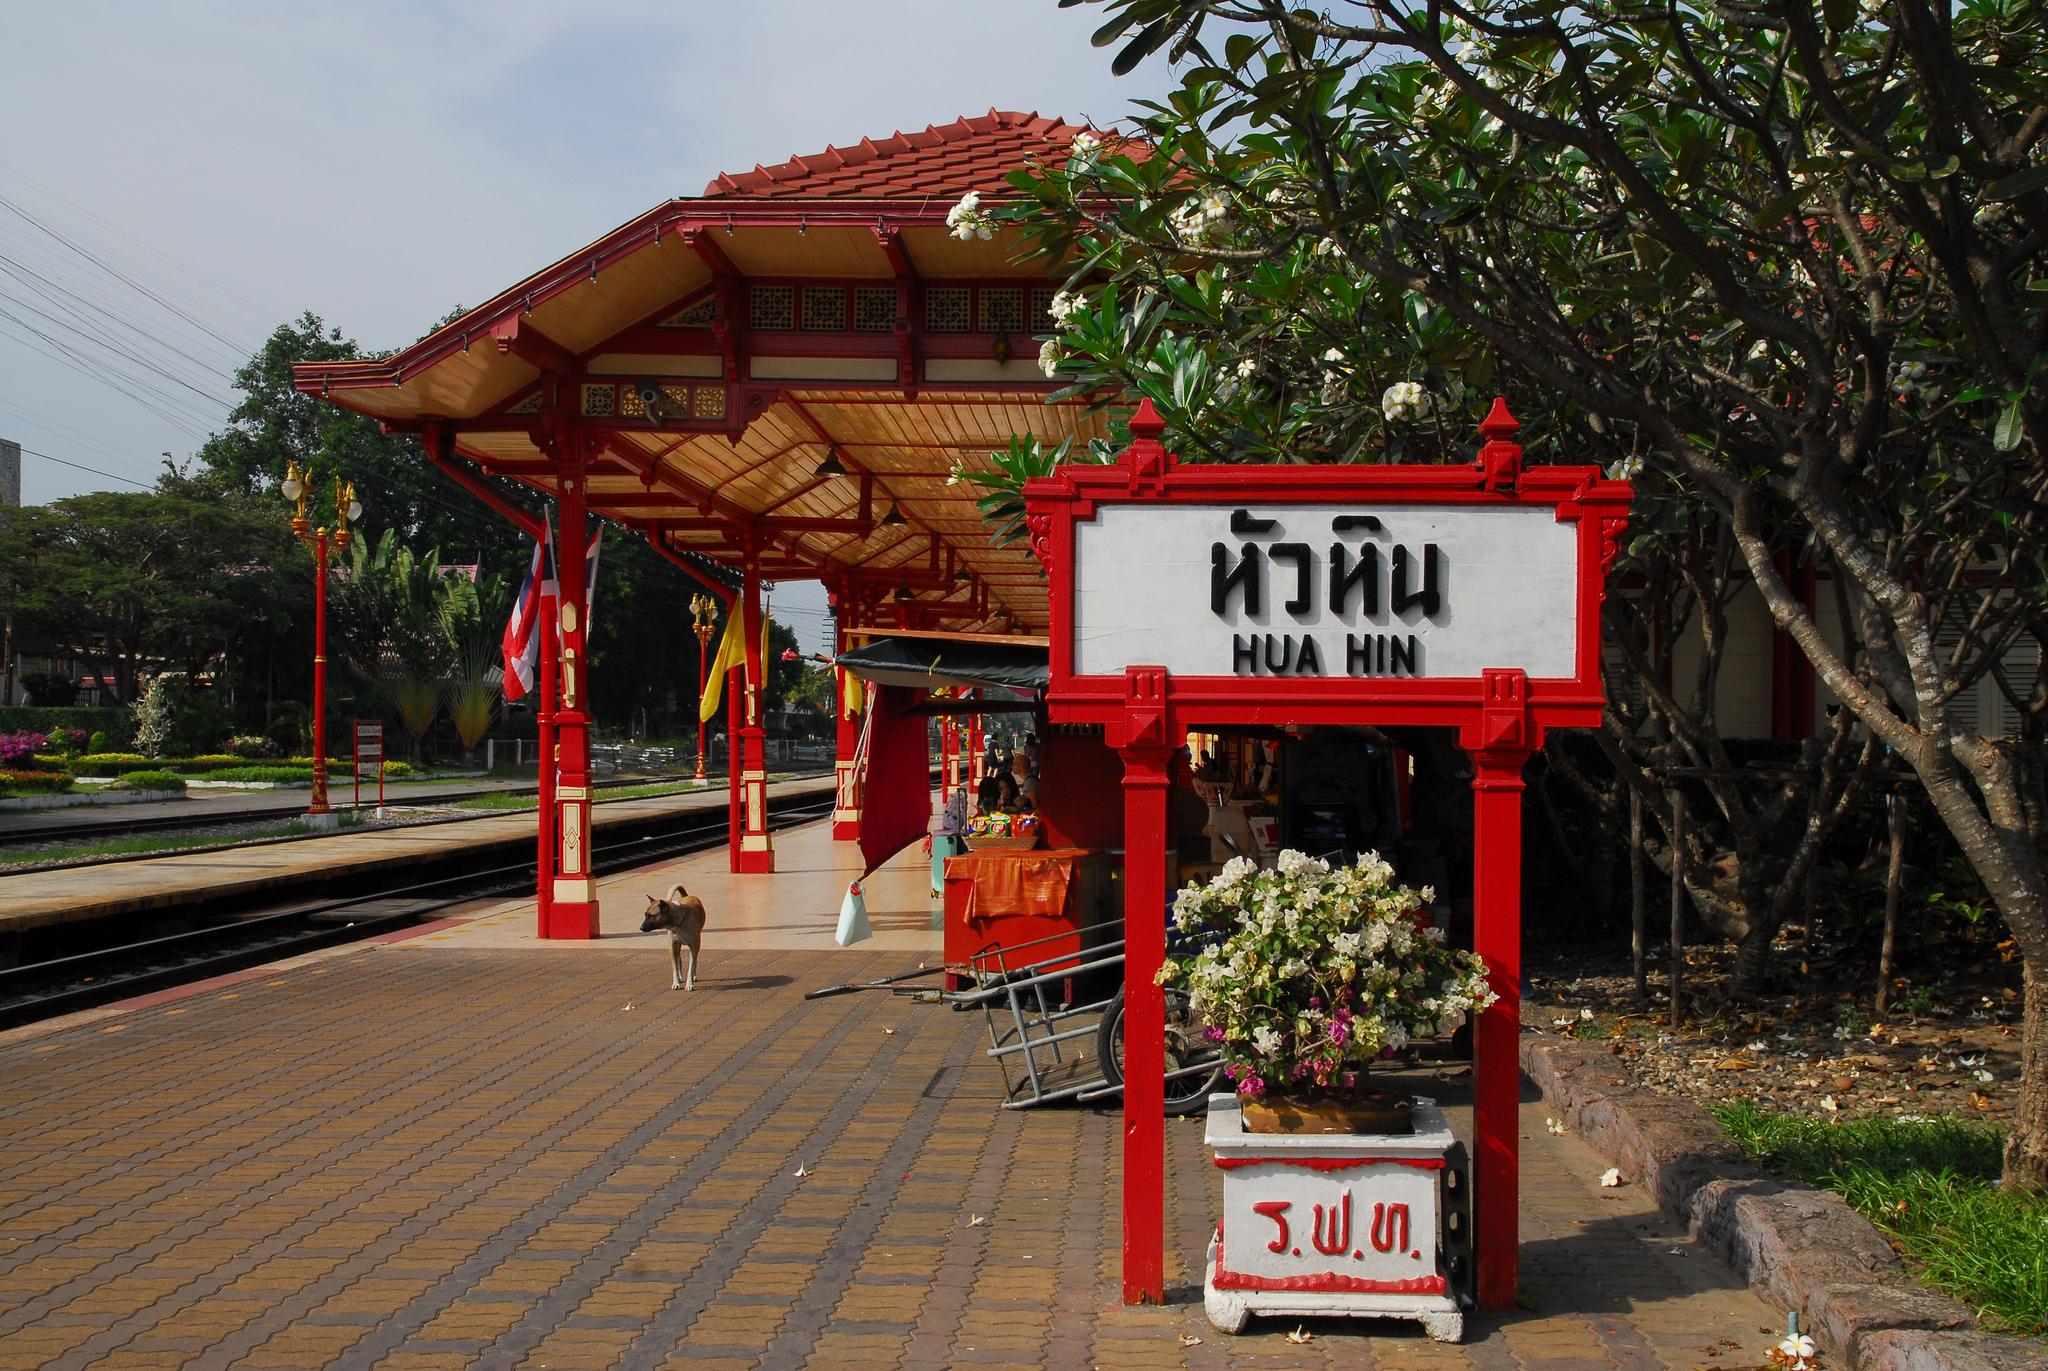 TEFL internship in Hua Hin